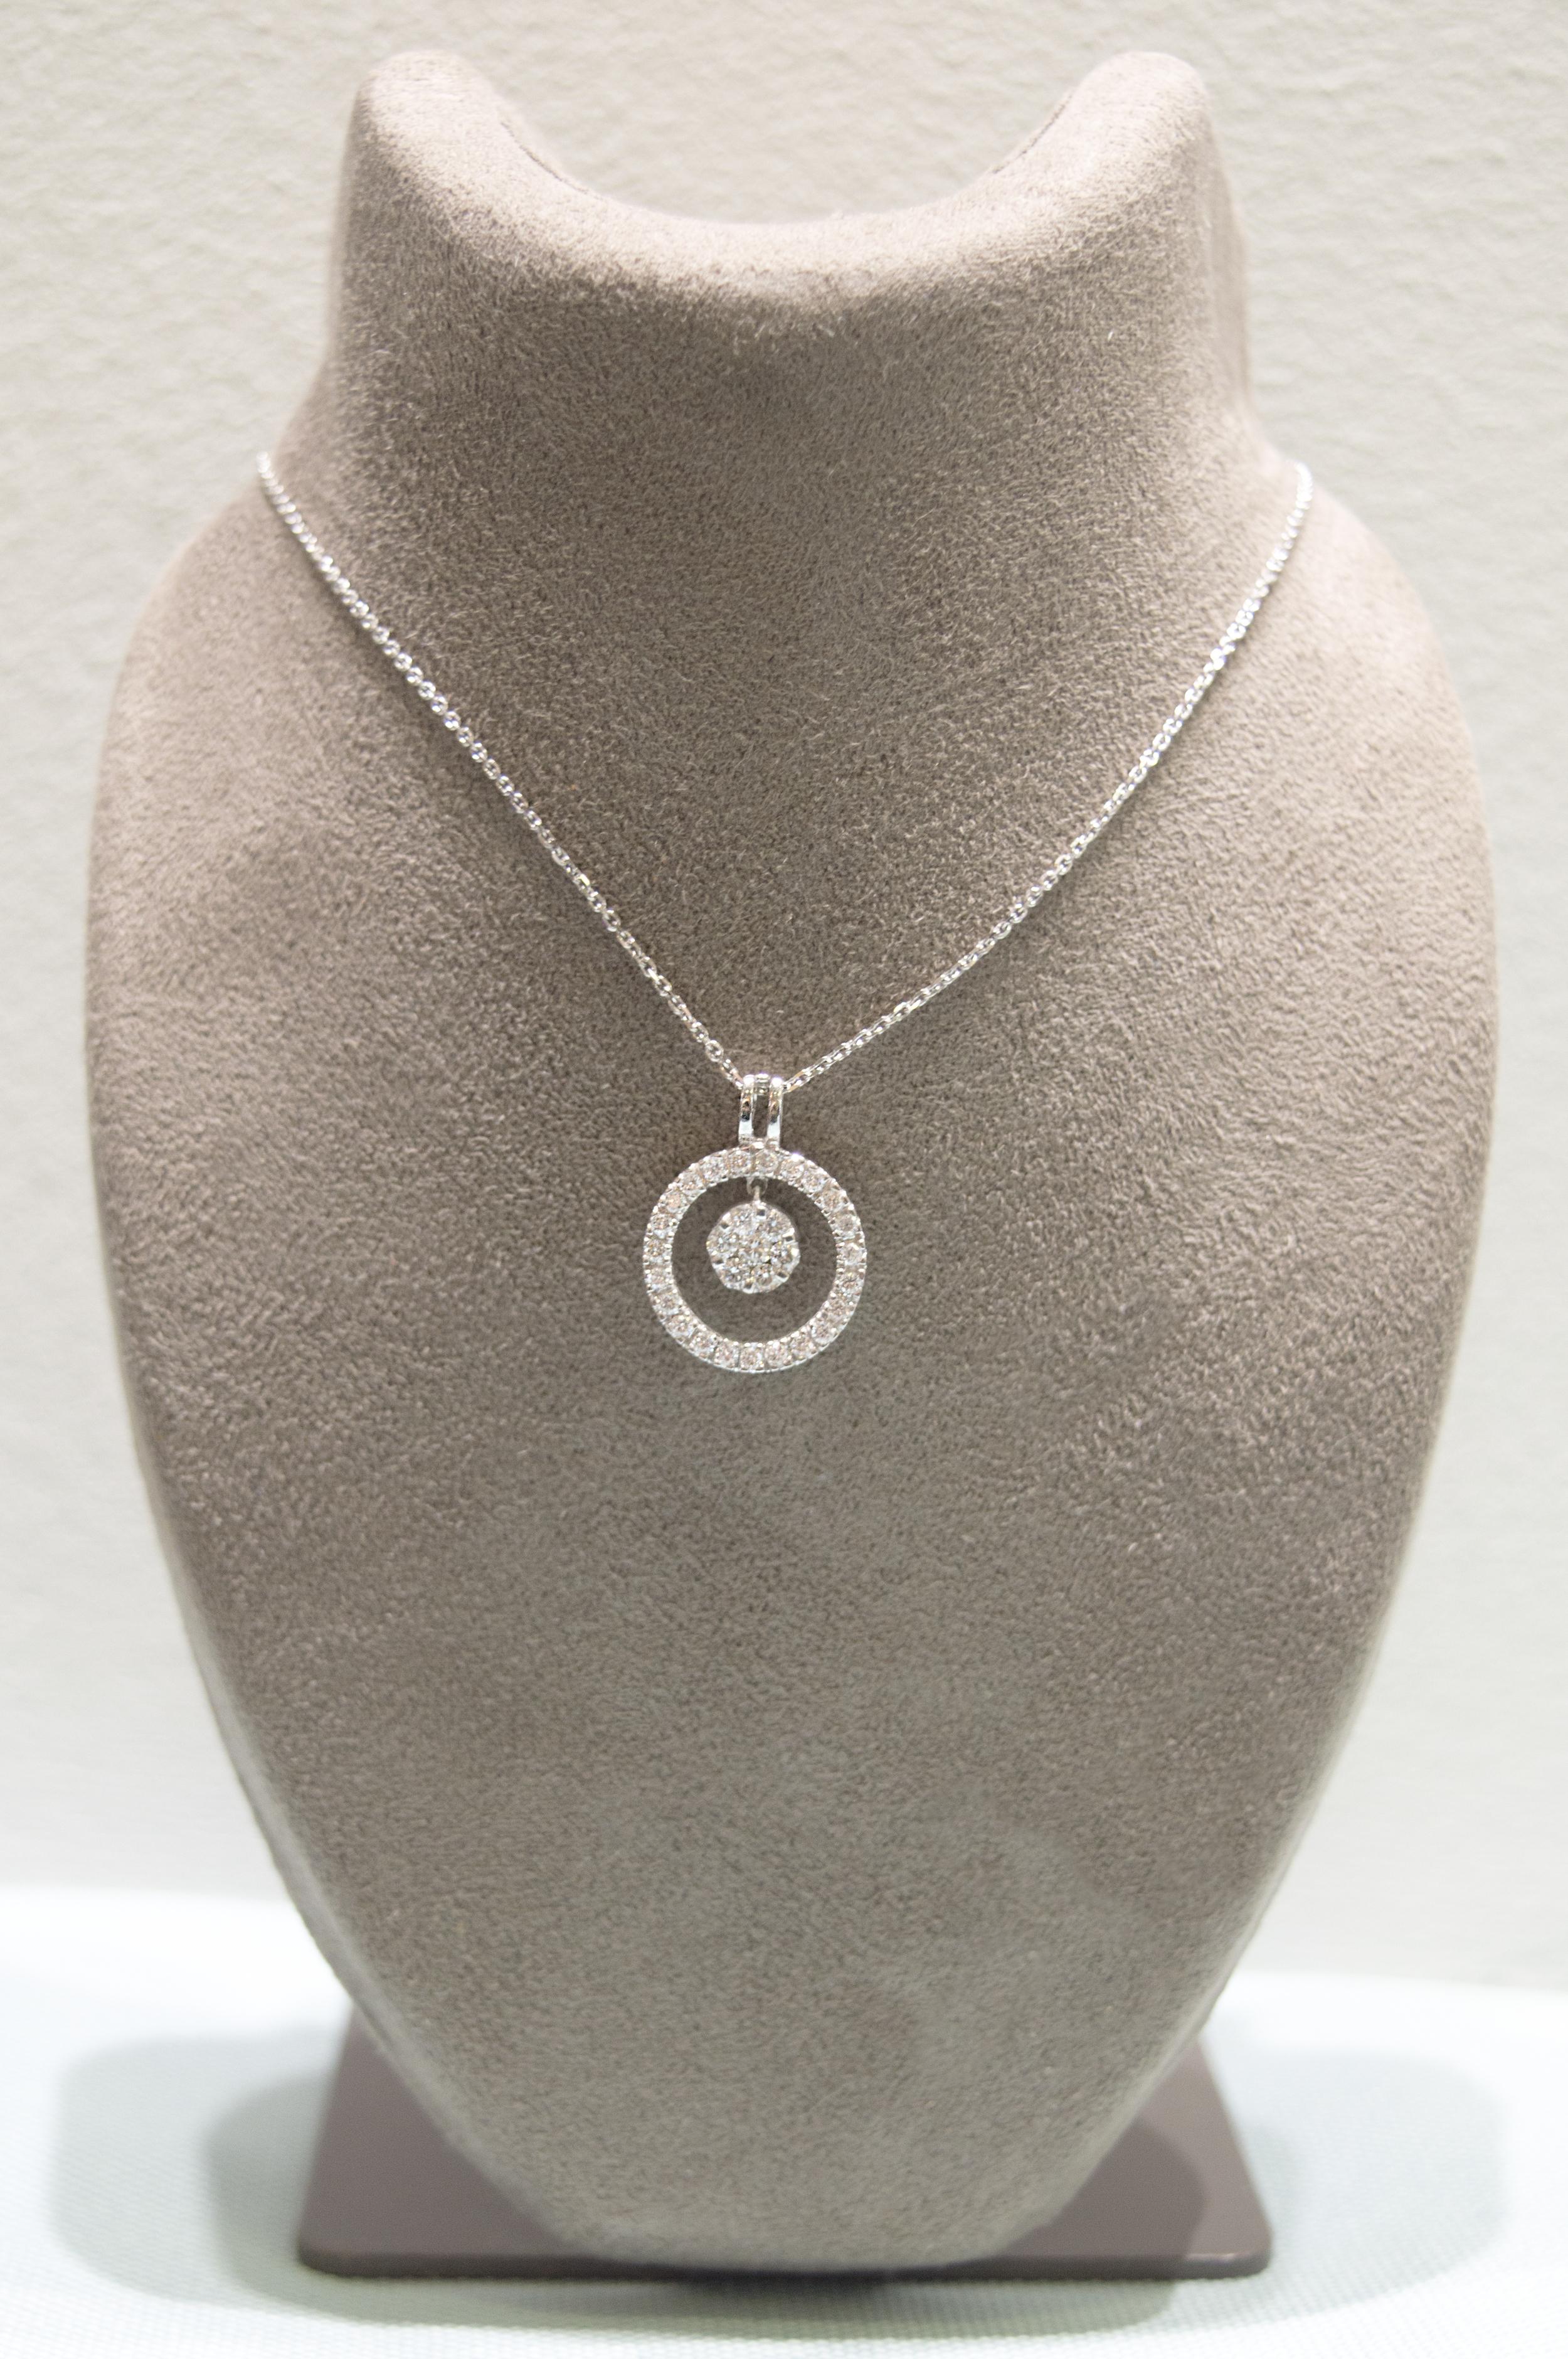 £850 - Diamond & White Gold Pendant